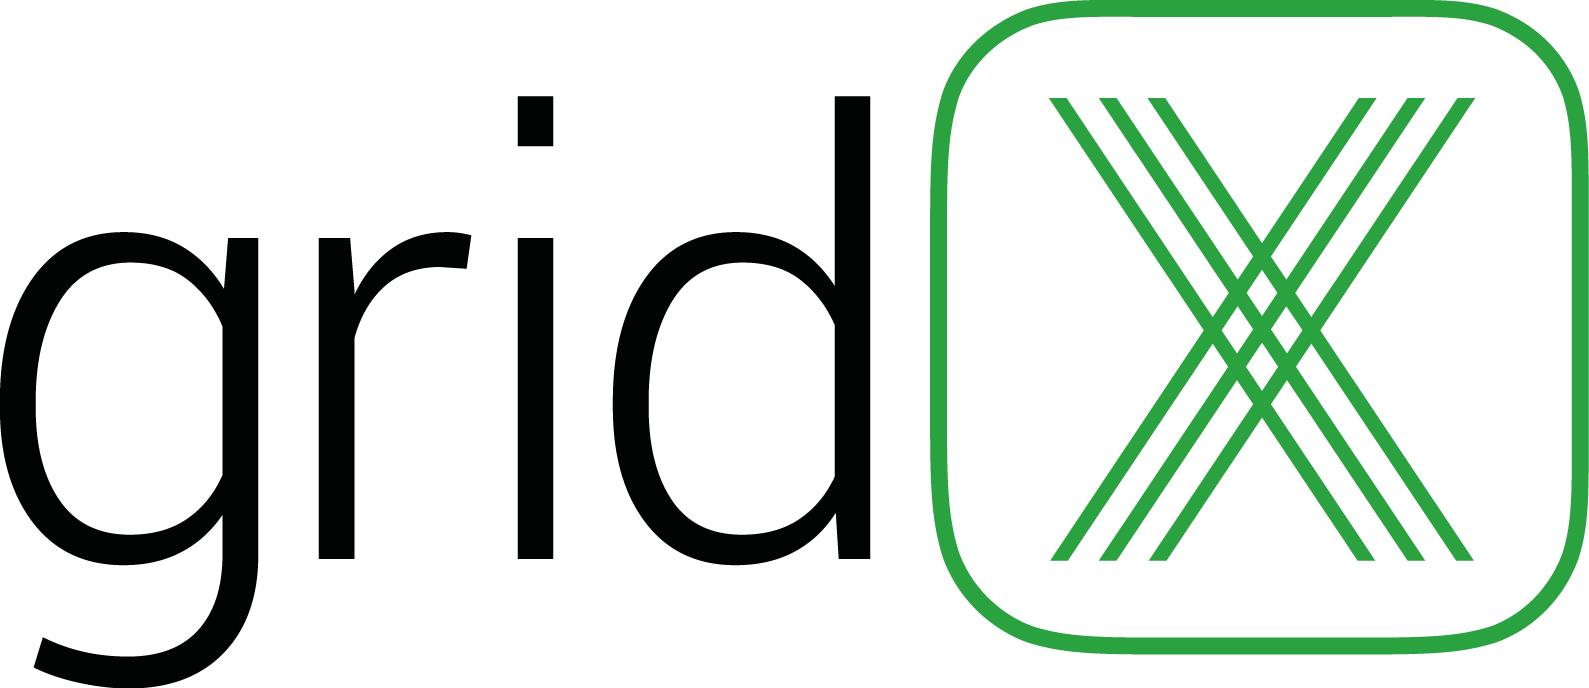 Das Startup gridX will klassische Energieversorger überflüssig machen.